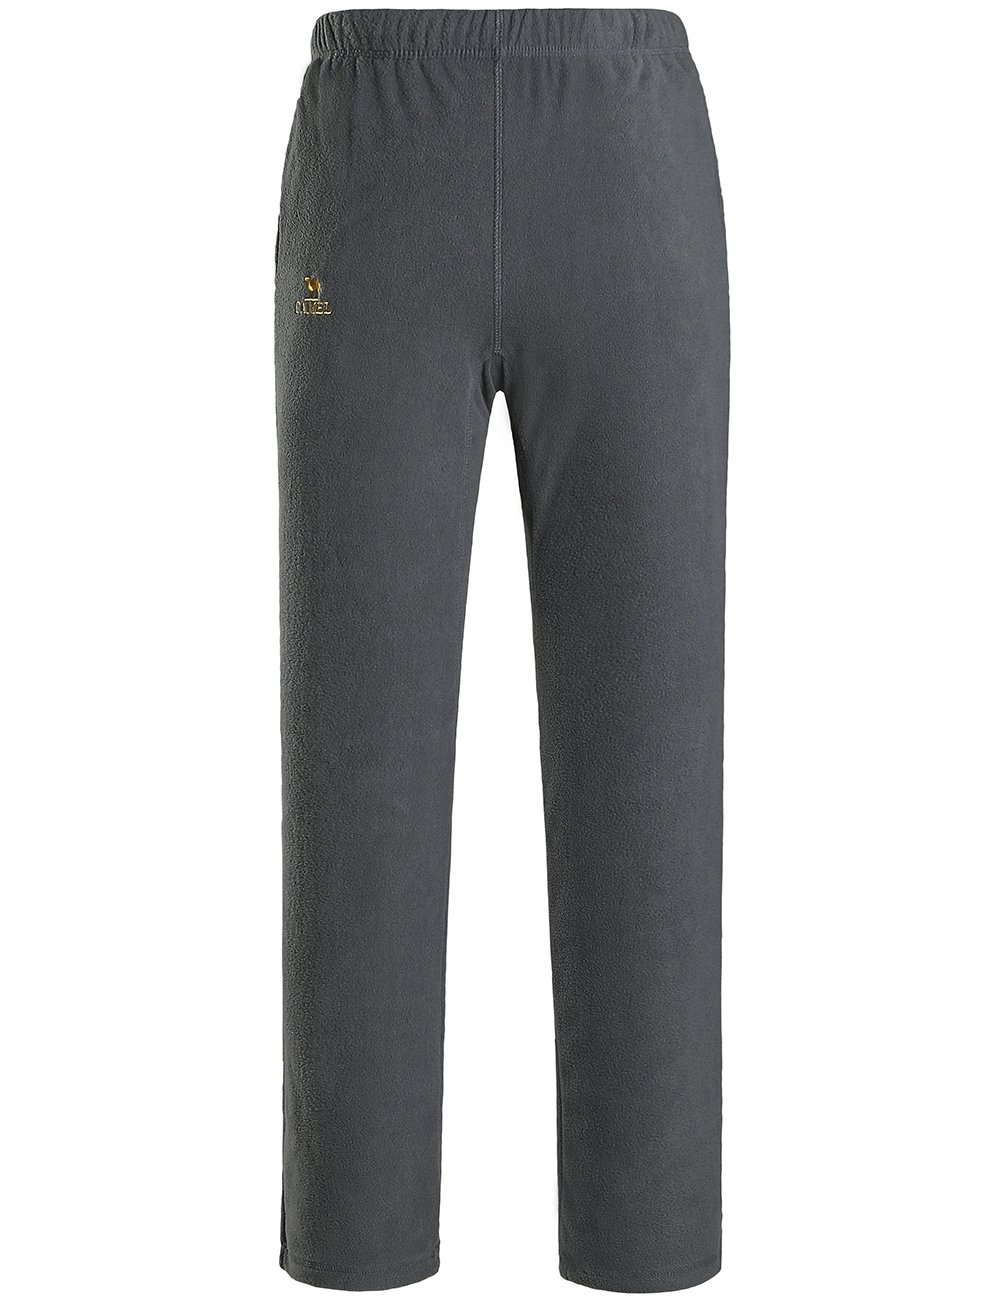 CAMEL CROWN Pantalones de Forro Polar para Mujeres Pantalones de Entrenamiento con Alto Elástico Cinturón Largos Pantalones Deportivos para Gimnasio, ...